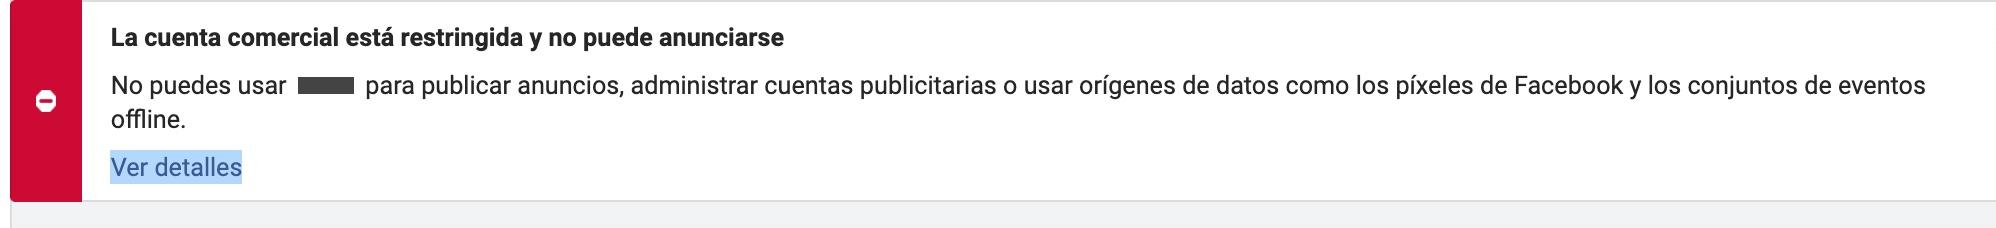 1-cuenta-comercial-facebook-restringida